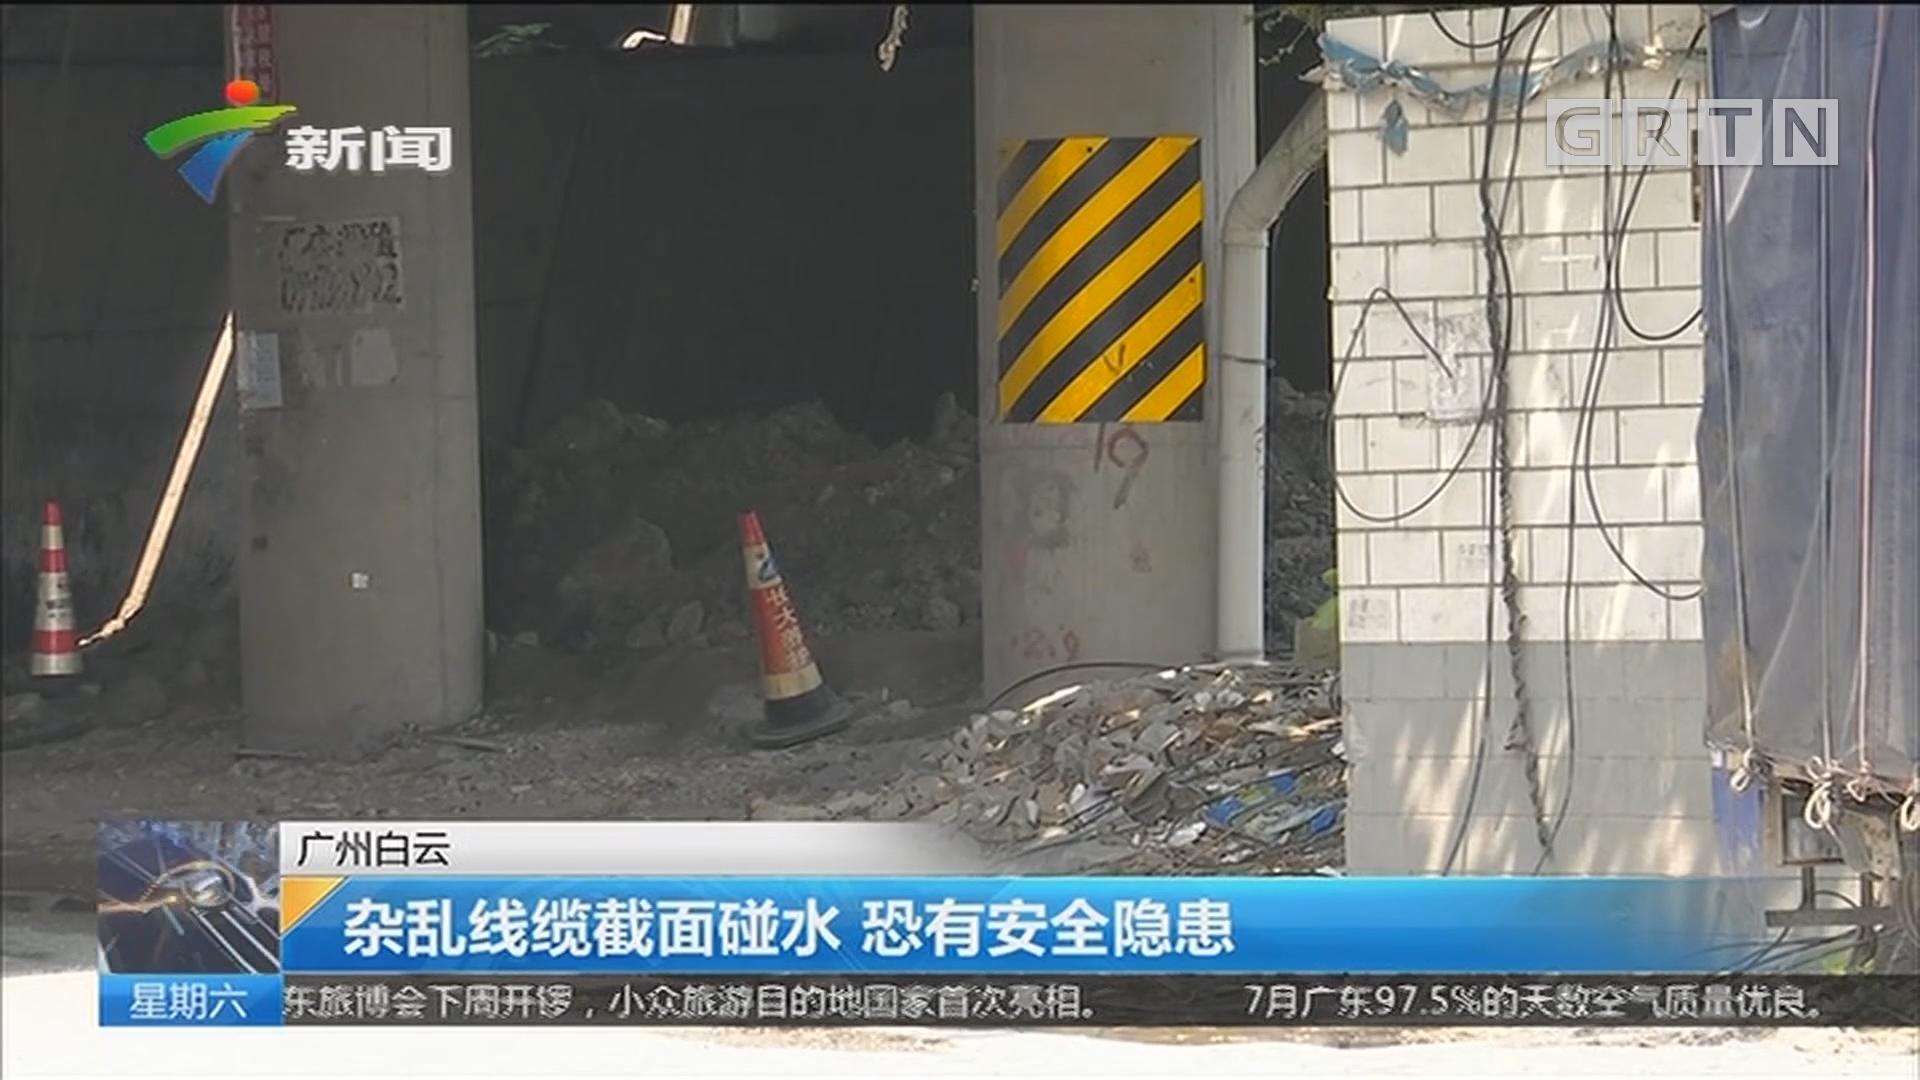 广州白云 杂乱线缆截面碰水 恐有安全隐患